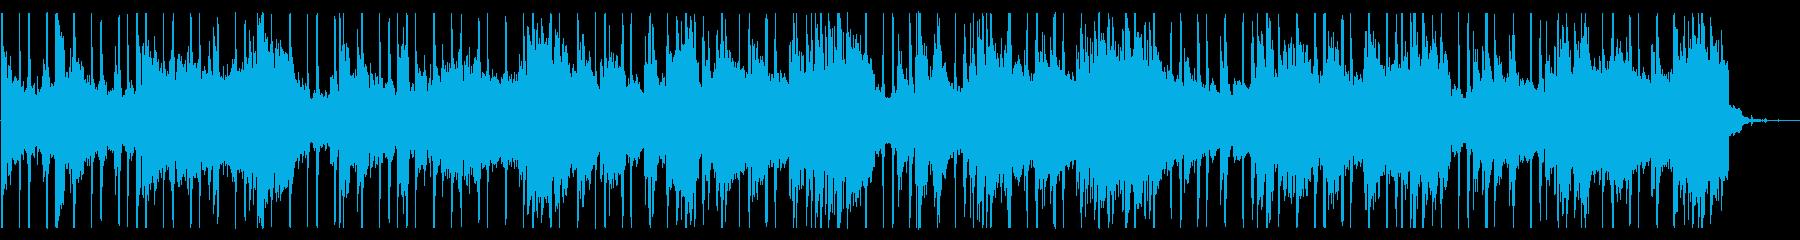 大人なR&B_No638_3の再生済みの波形